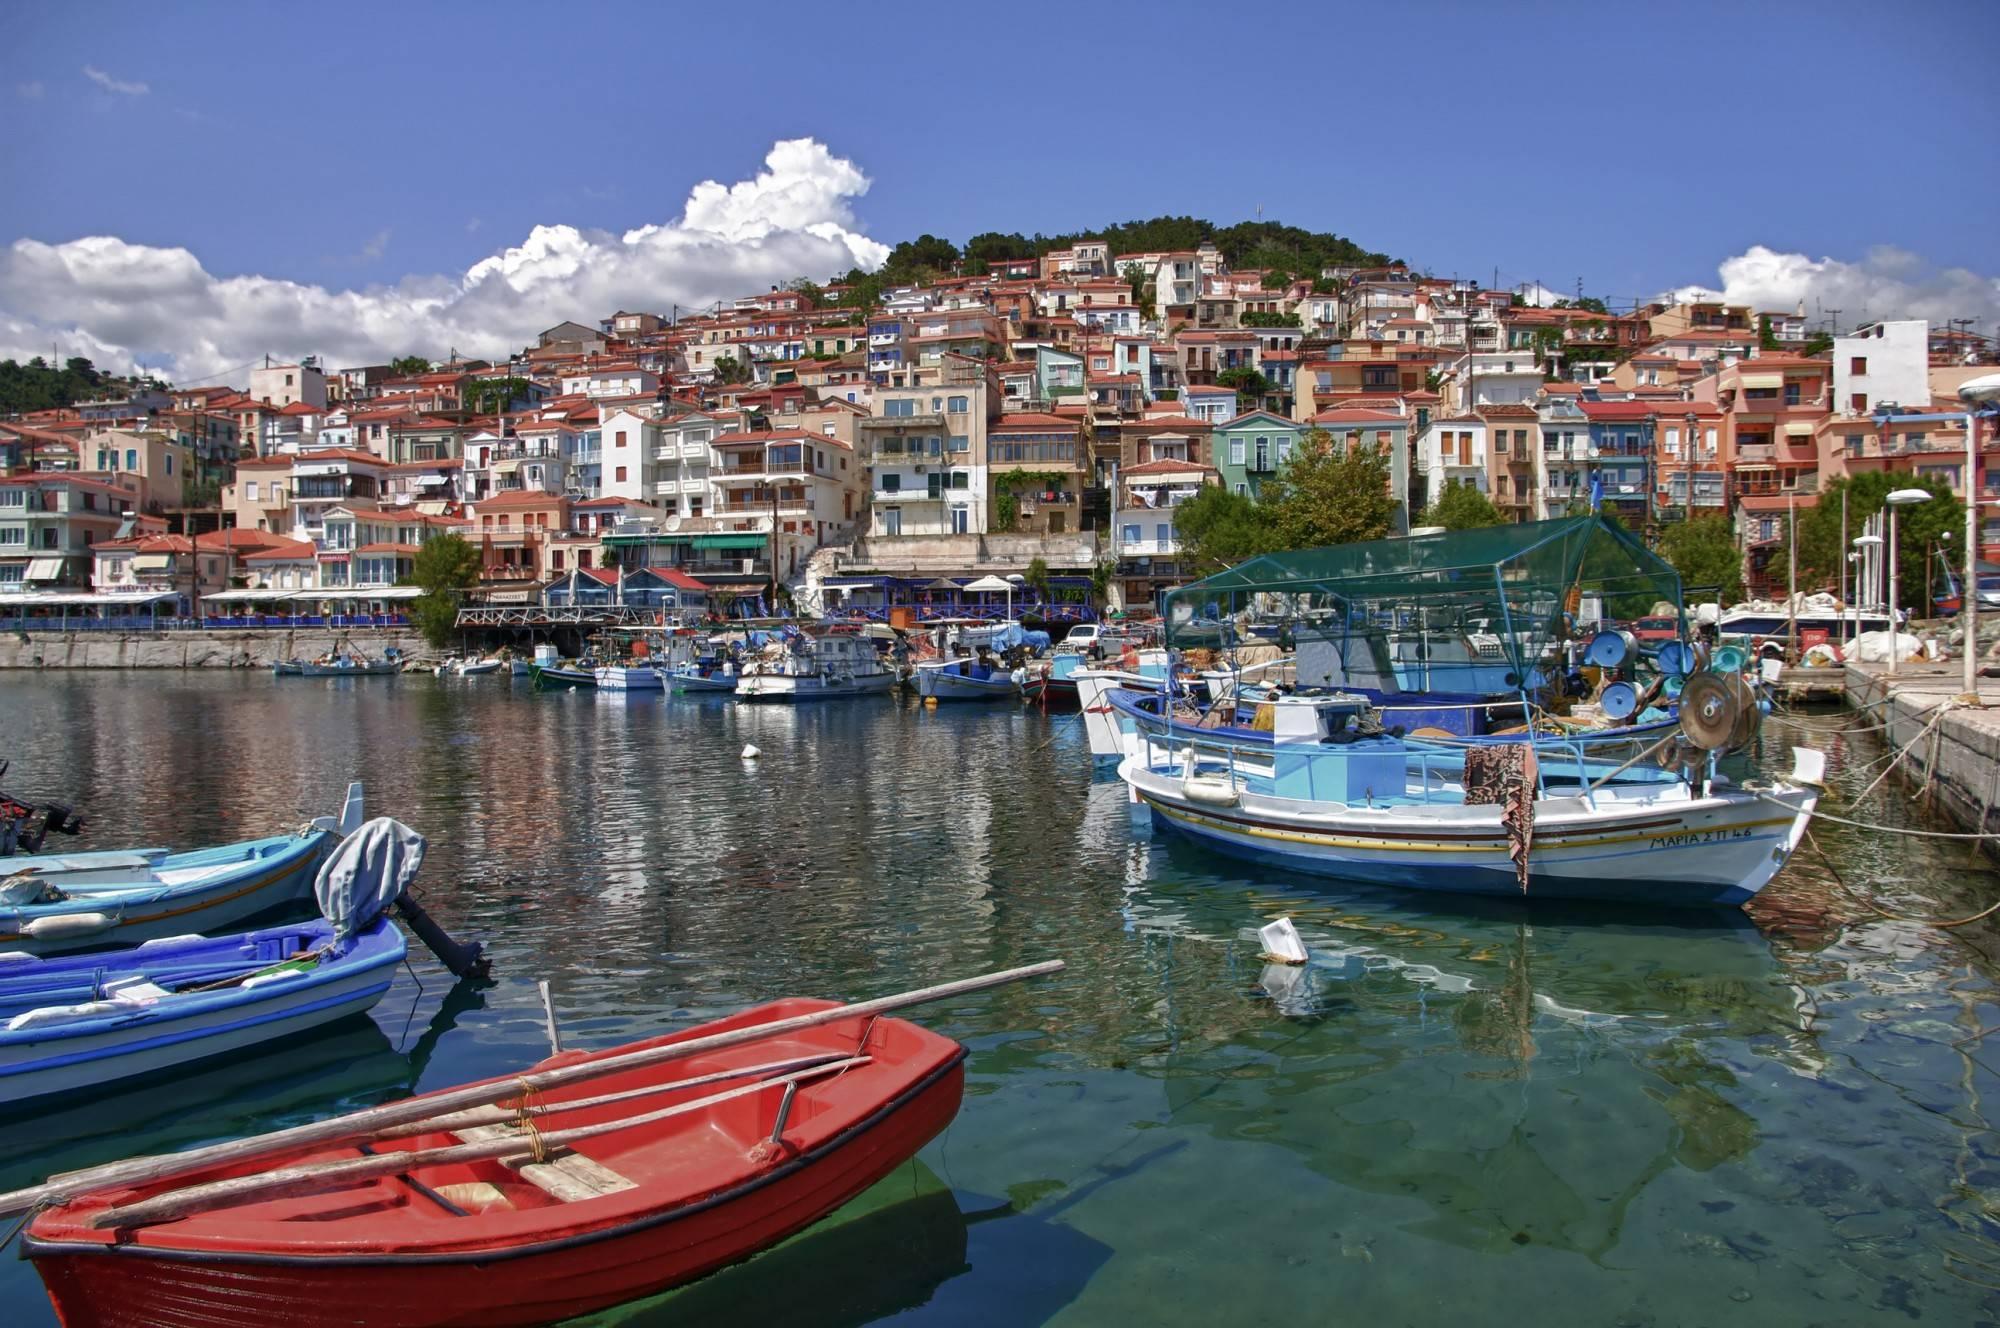 希腊浪漫之旅——莱斯博斯岛